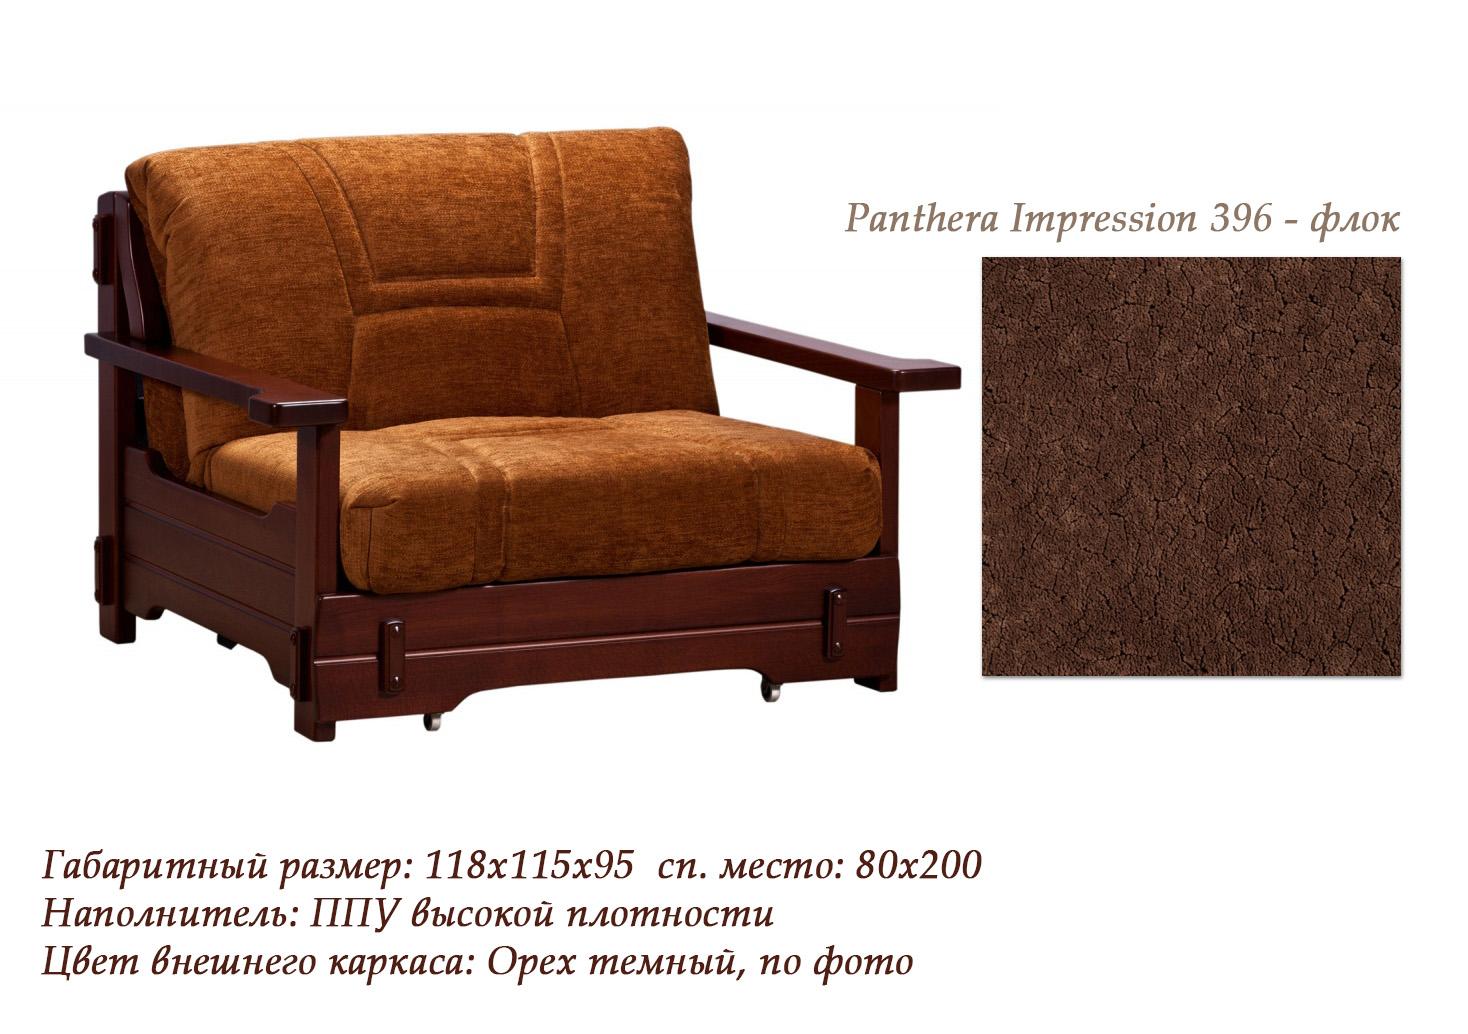 Кресло-кровать аккордеон Брест с деревянными подлокотниками-851 — Кресло-кровать аккордеон Брест с деревянными подлокотниками-396